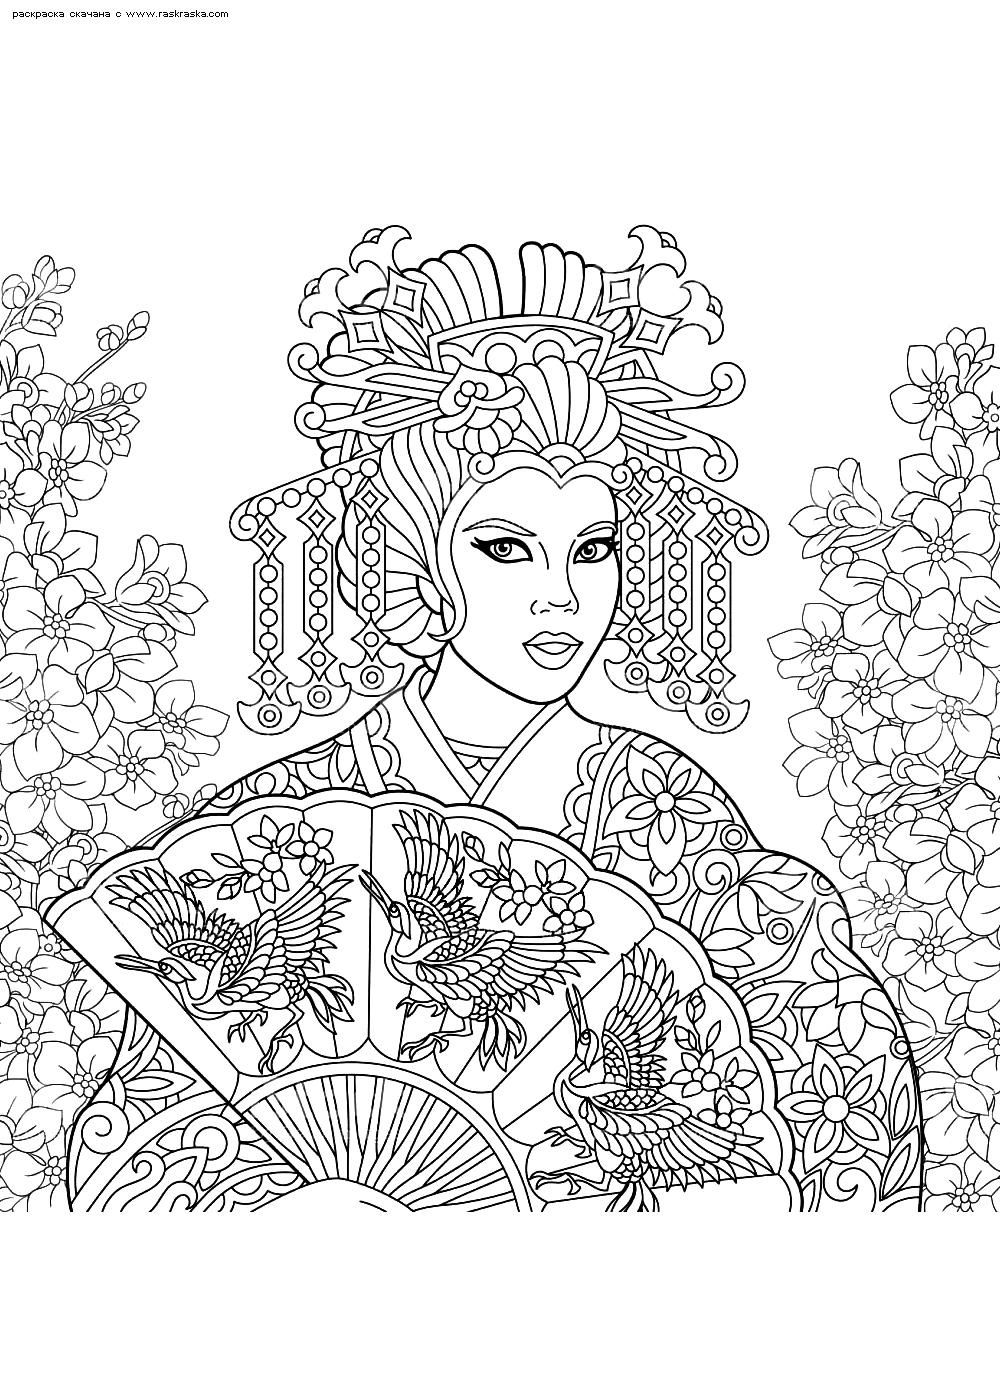 Раскраска Девушка с феером. Раскраска антистресс